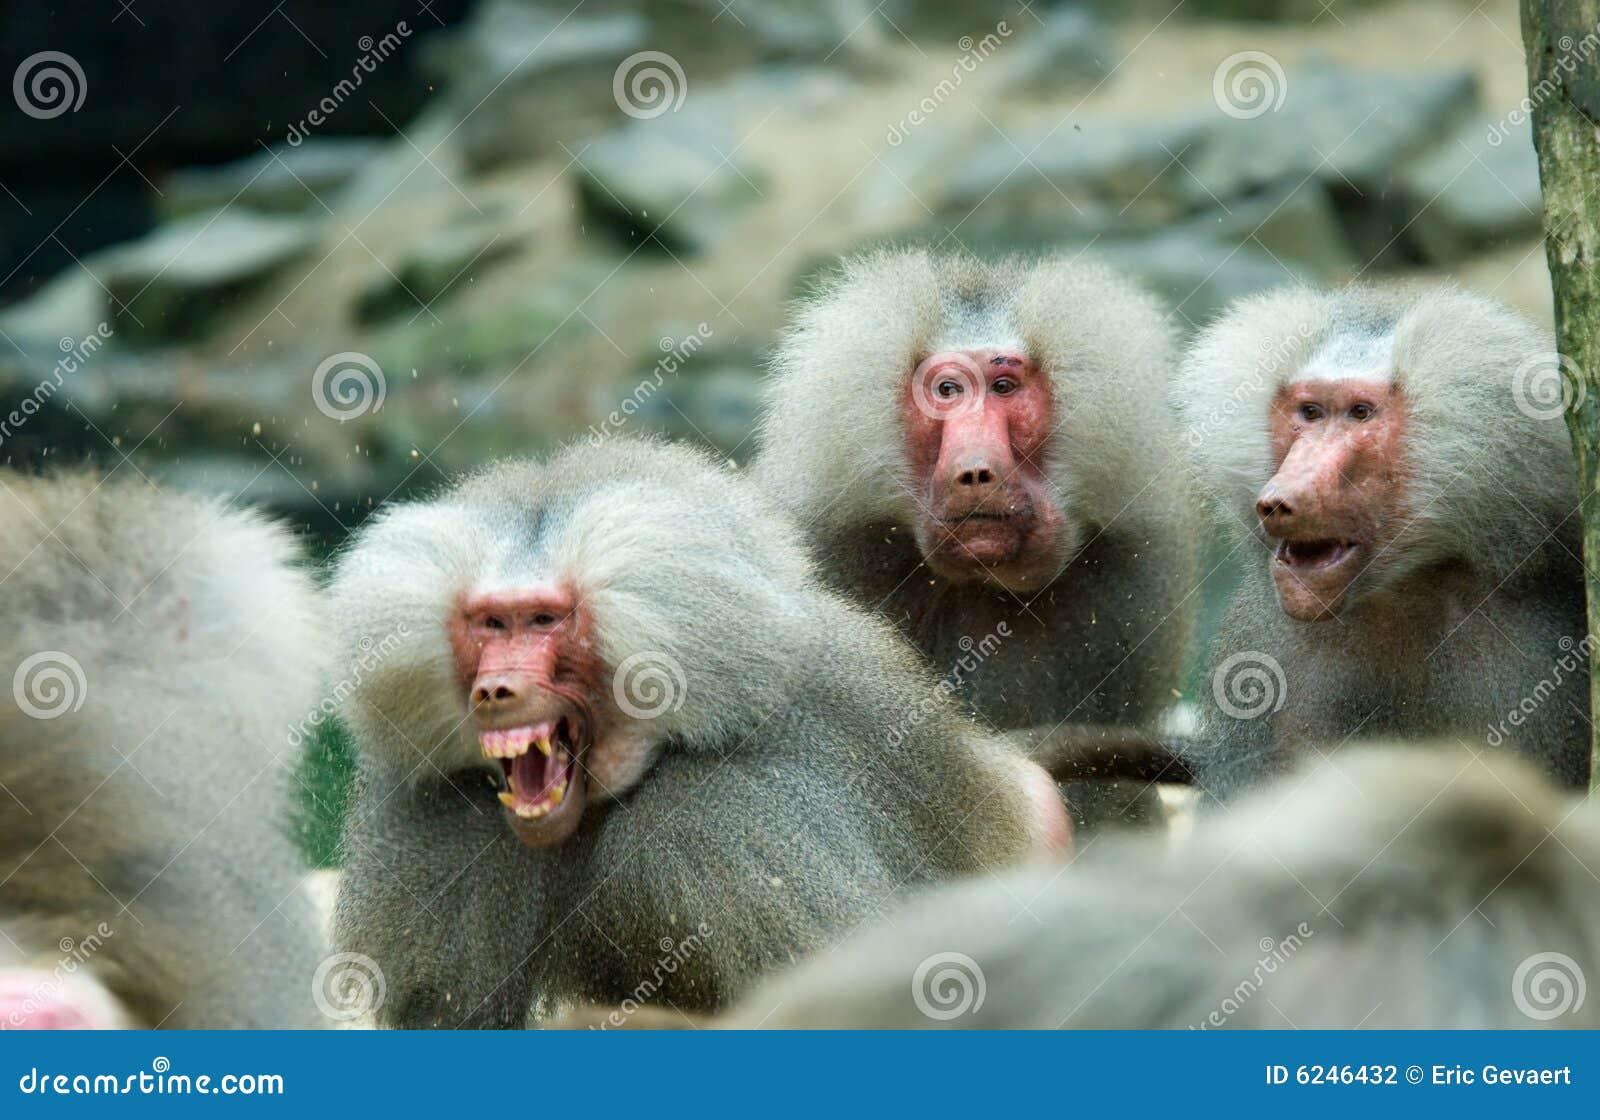 Baboon monkey in a fight